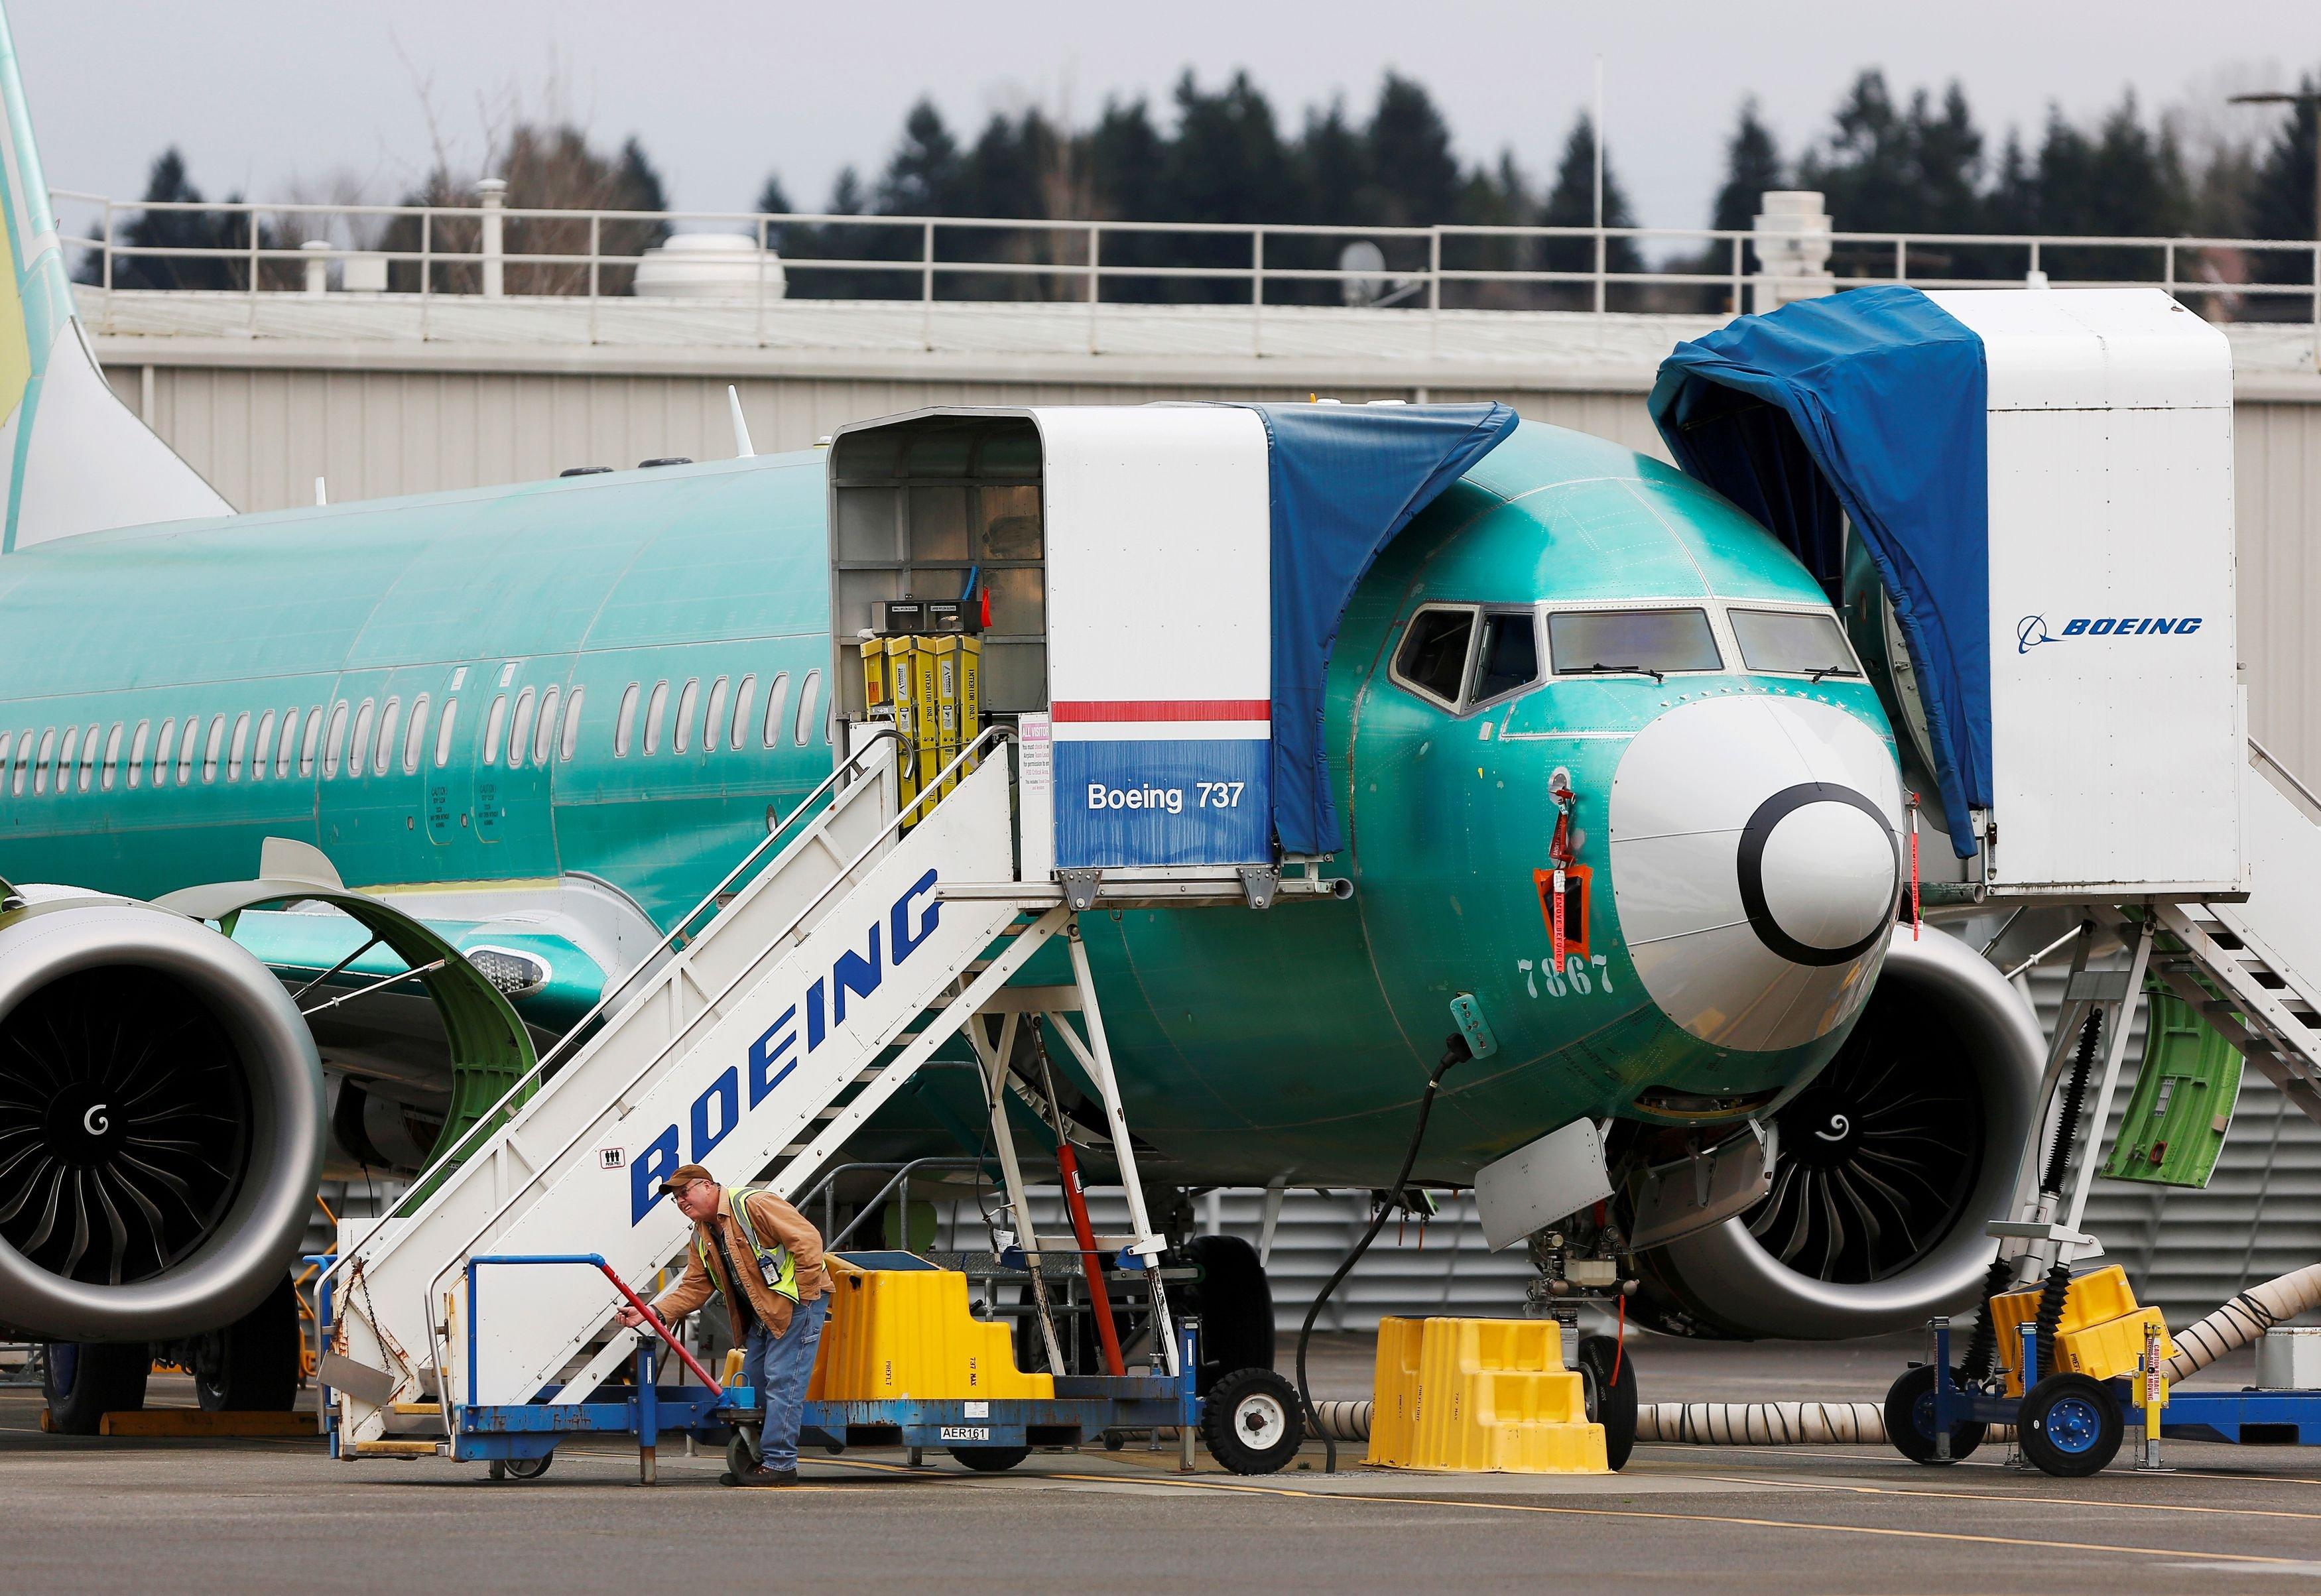 Las aerolíneas cierran rutas en España por la crisis de Boeing